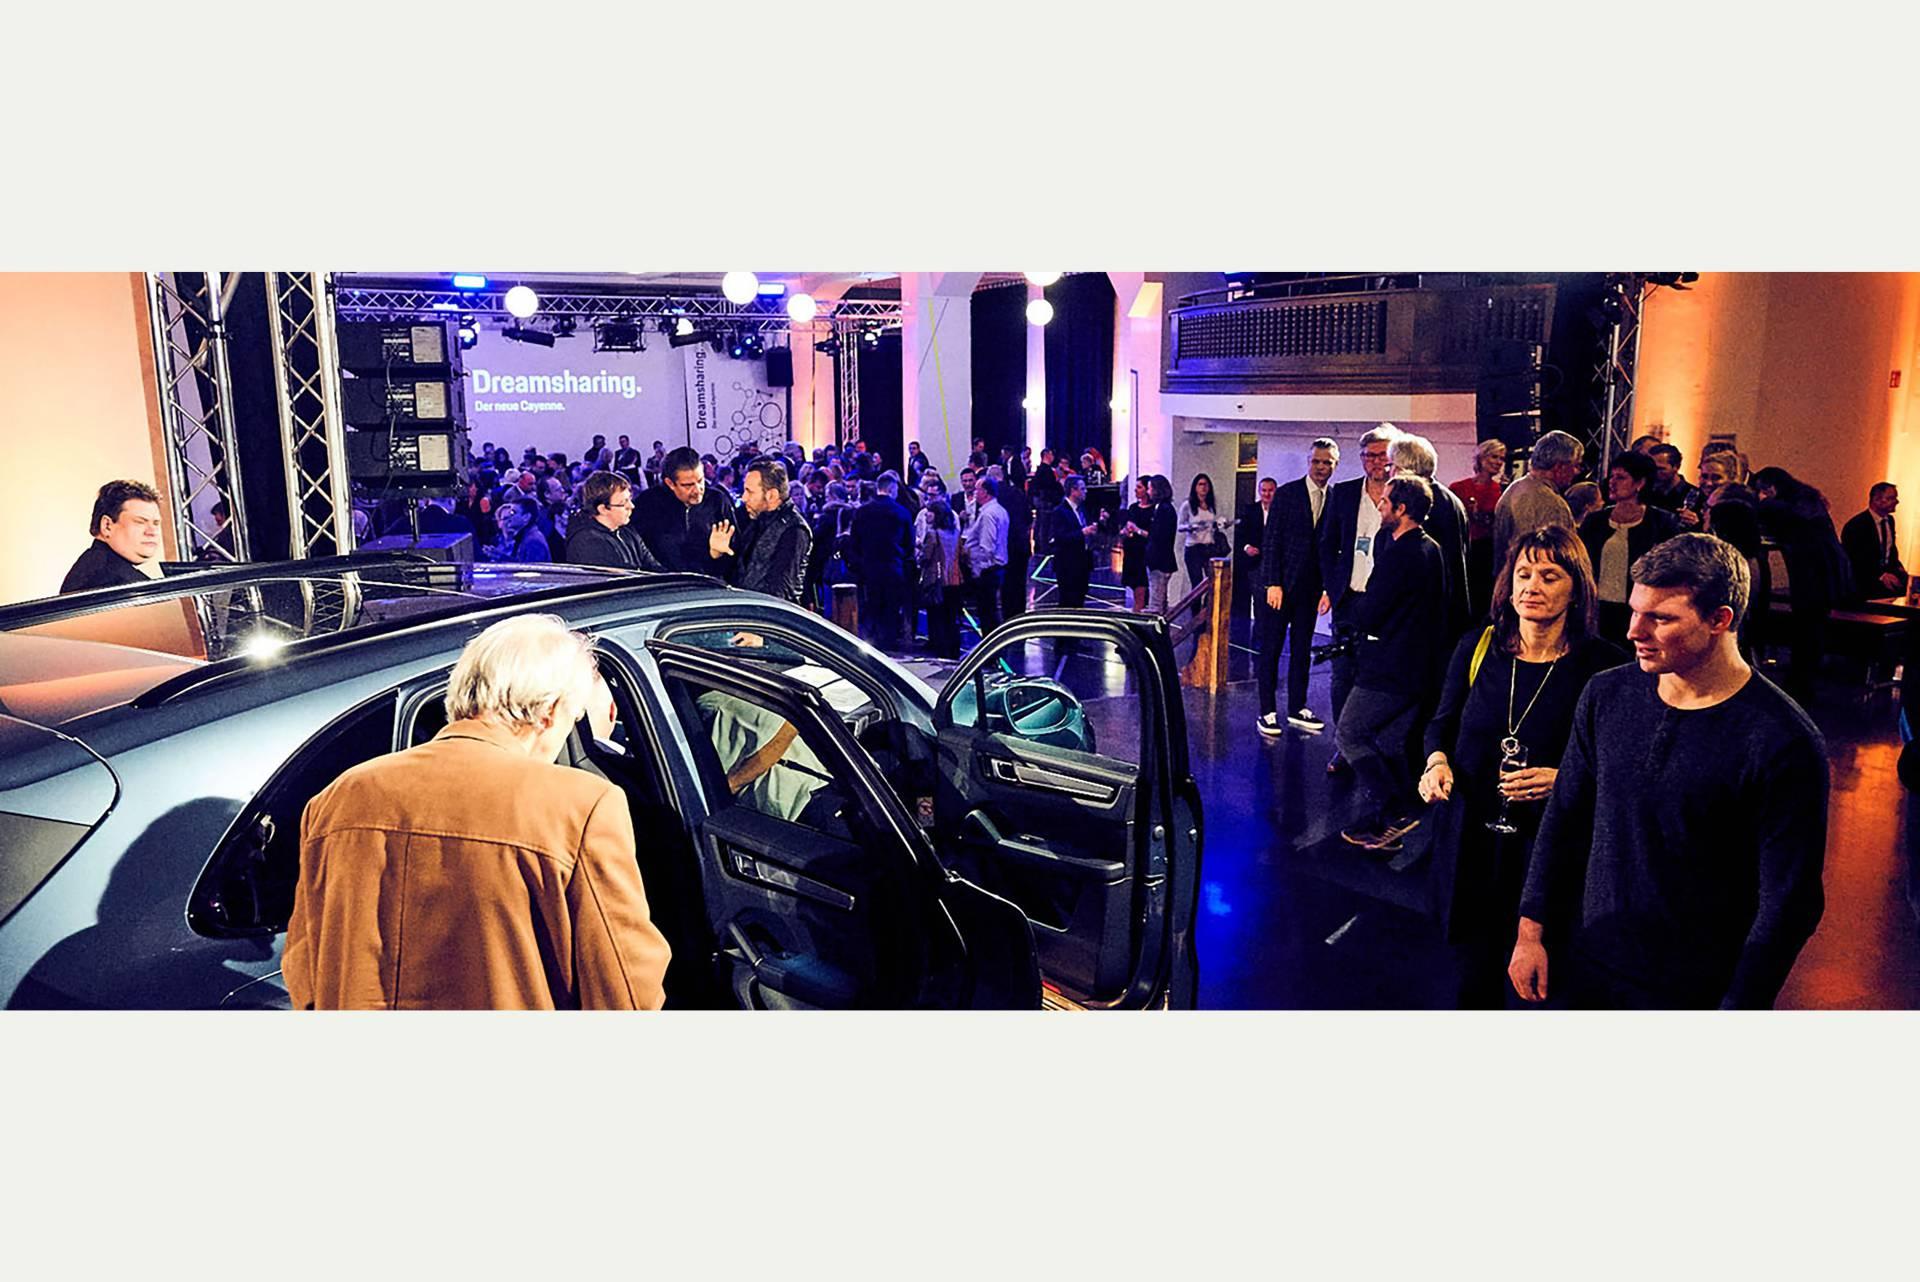 Auch für Produktpräsentationen eignet sich der Saal. Hier ein Automobil Präsentation von Porsche Leipzig. (Porsche Leipzig)